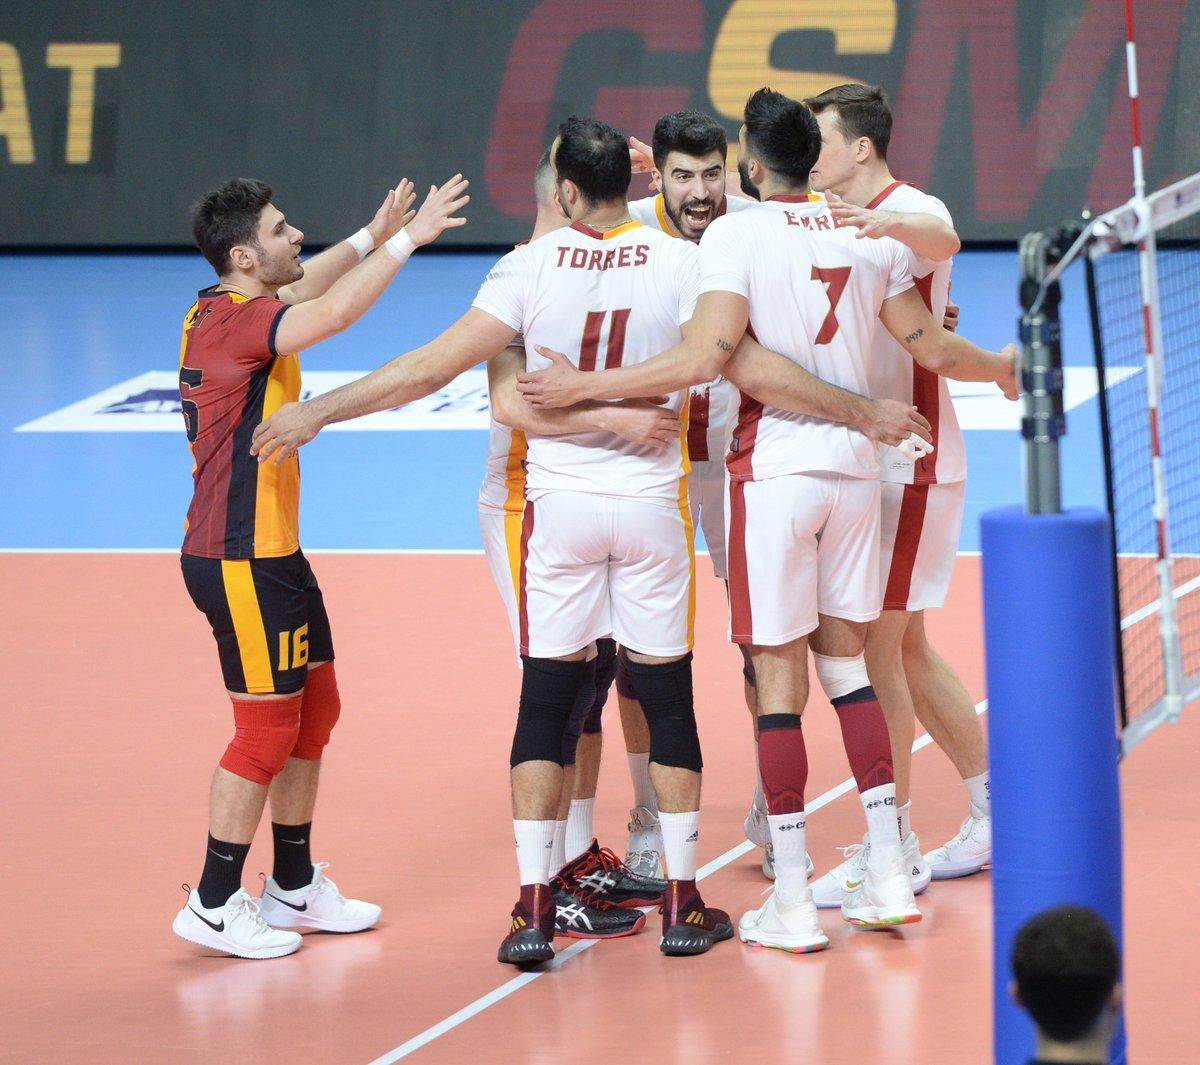 Maç Sonucu: Sorgun Belediye 1-3 Galatasaray HDI Sigorta Tebrikler #FileninAslanları! 👏